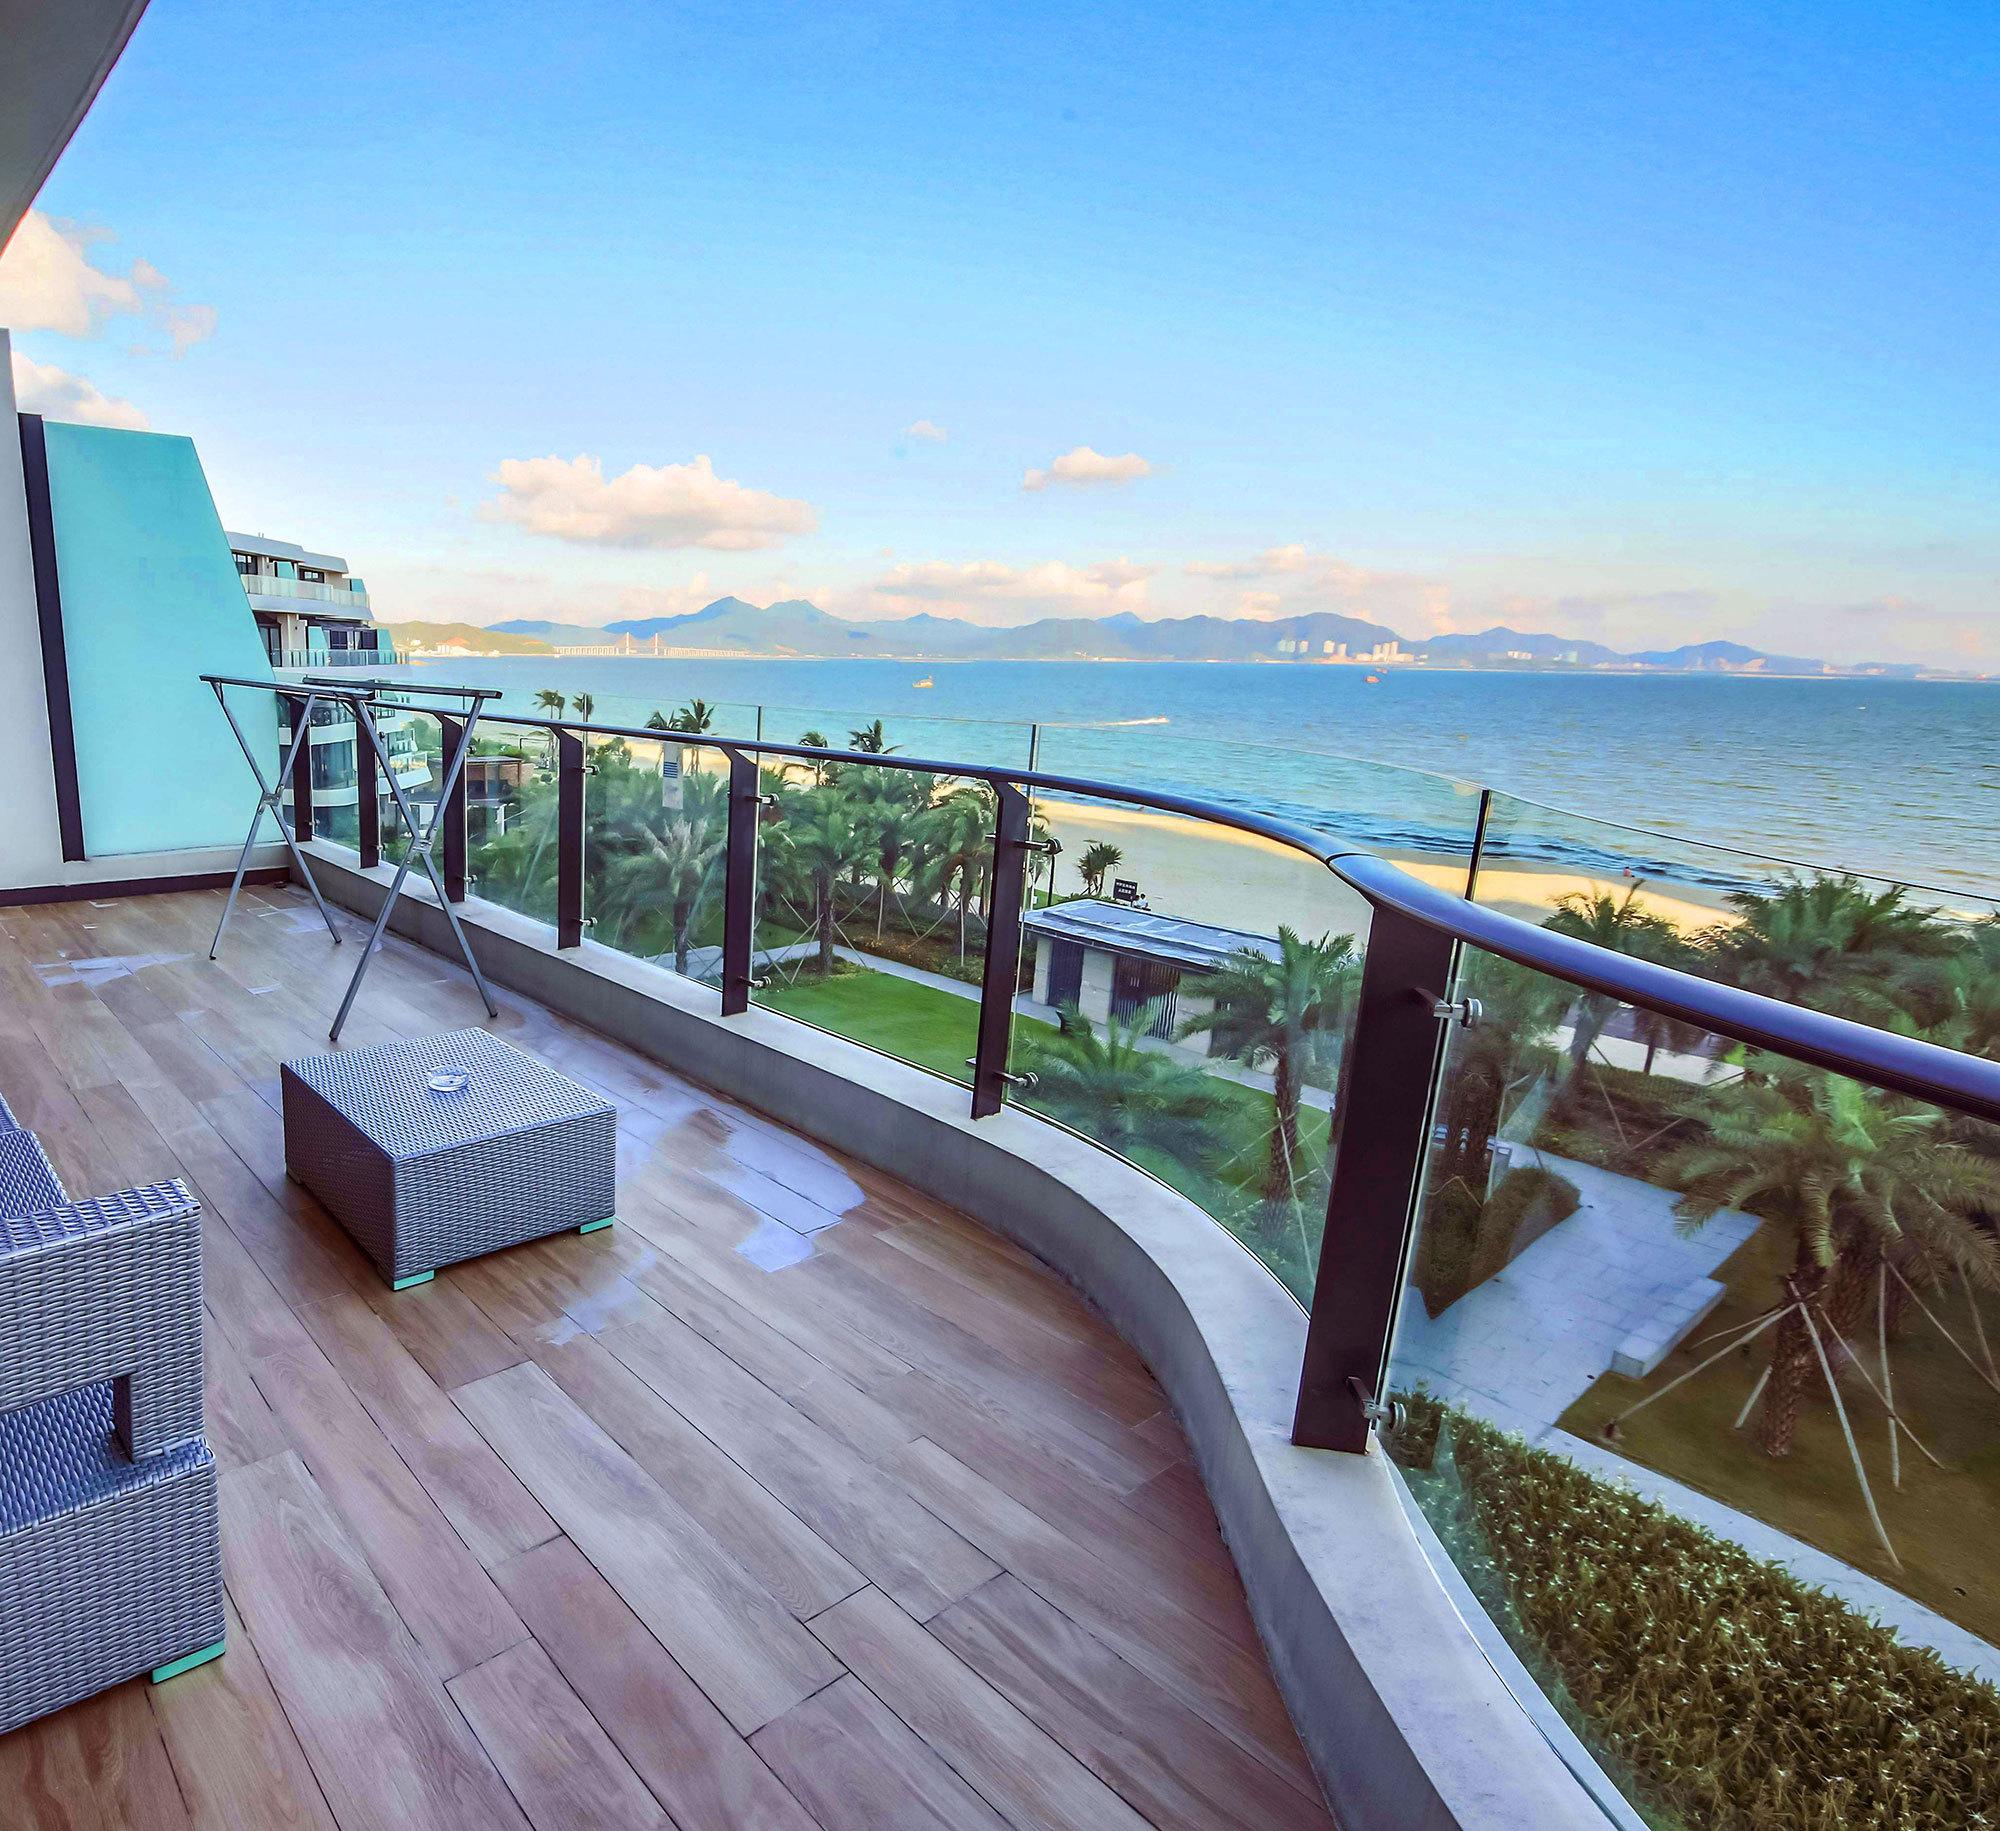 阳江沙扒月亮湾蓝湾度假公寓高级海景房两房一厅